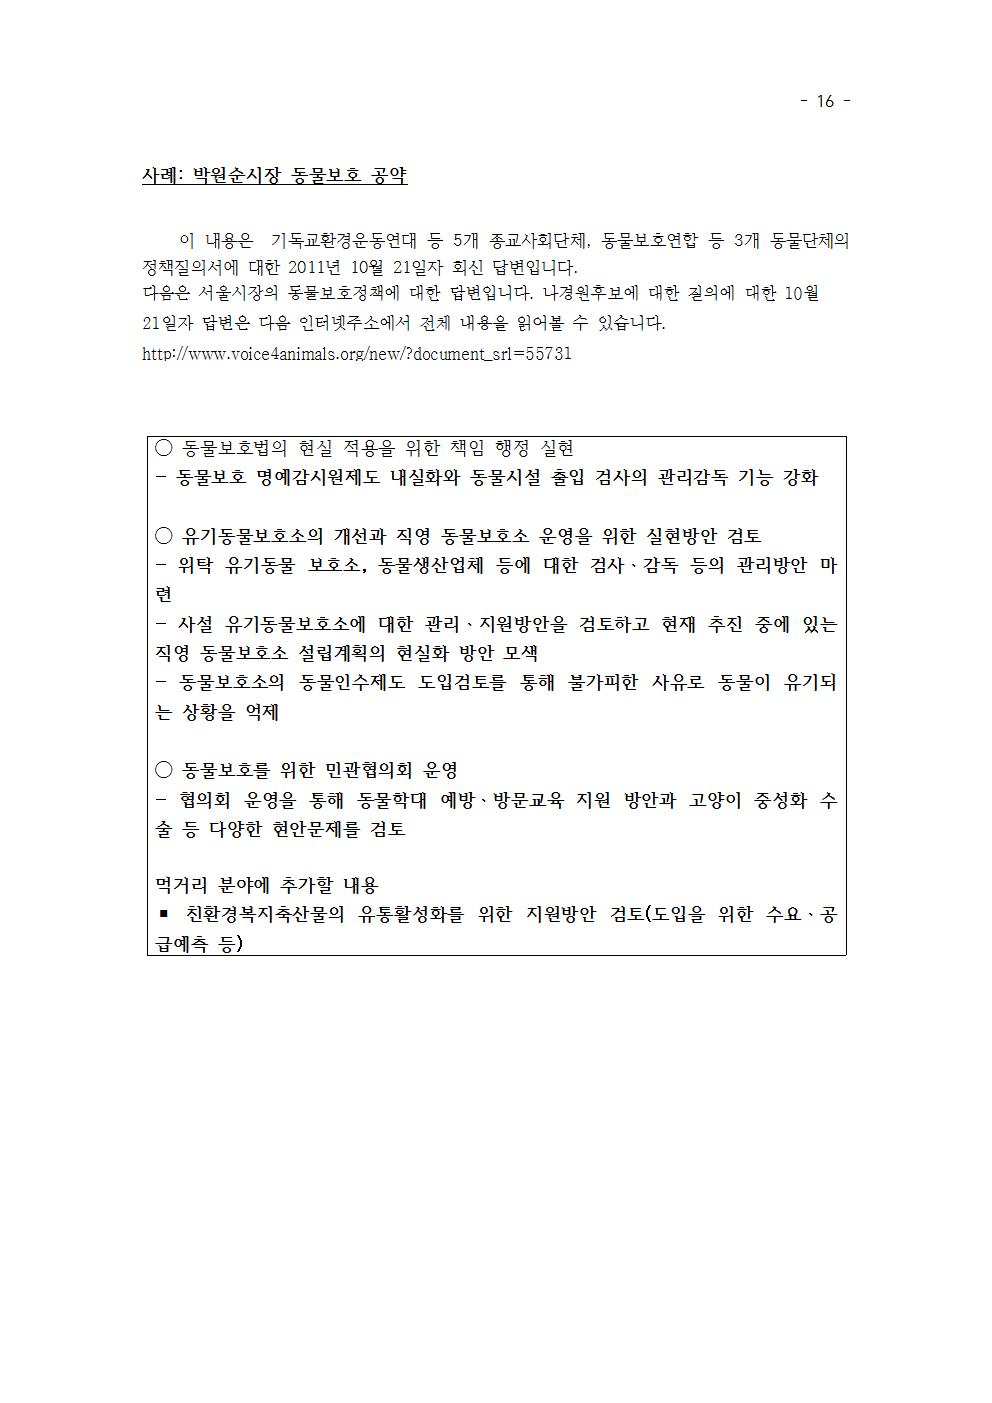 제안서_2012_대선3후보_게시_단축019.png